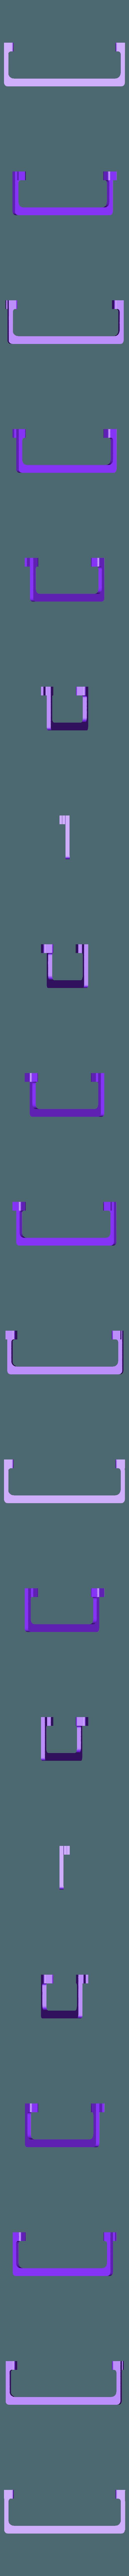 Ampli Placa L.stl Télécharger fichier STL gratuit Support de plaque d'immatriculation de moto • Modèle à imprimer en 3D, Ginesor